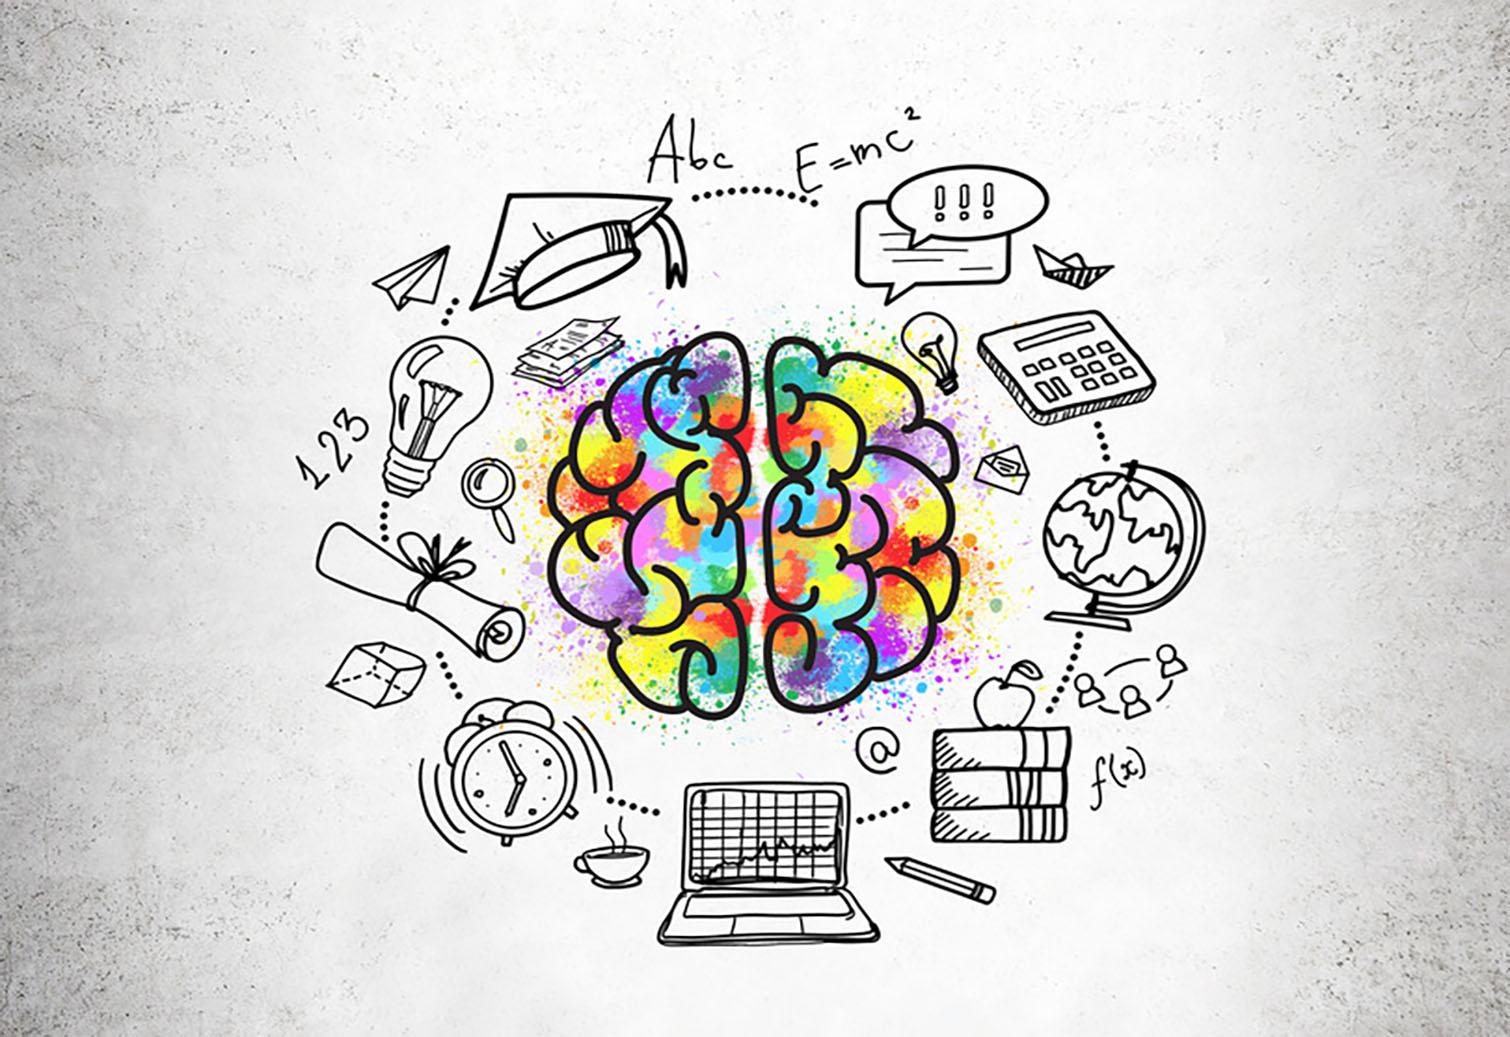 Gehirn mit verschiedenen Gegenständen außenrum